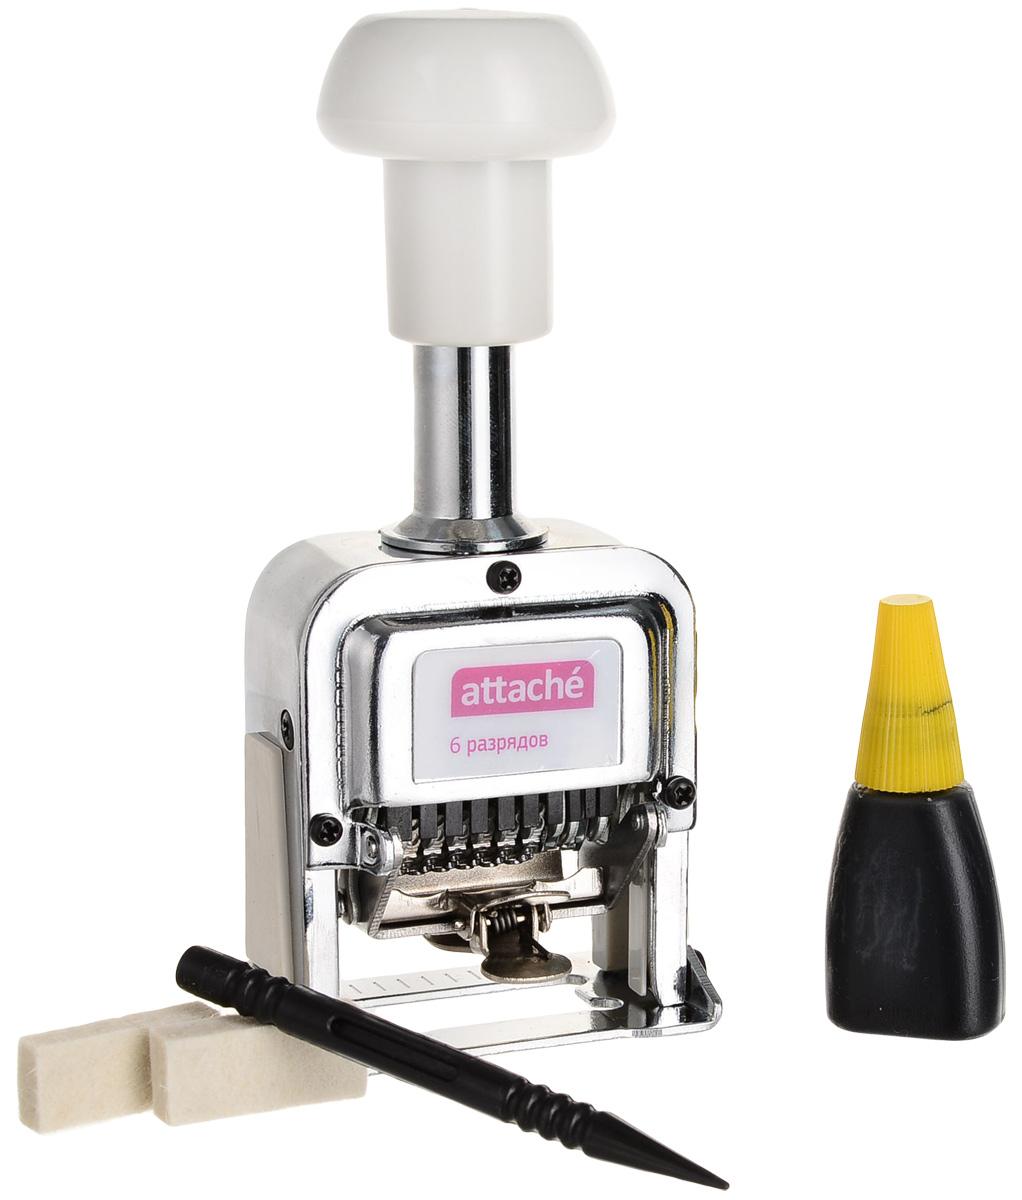 Attache Нумератор шестиразрядный 4,8 мм -  Печати, штампы